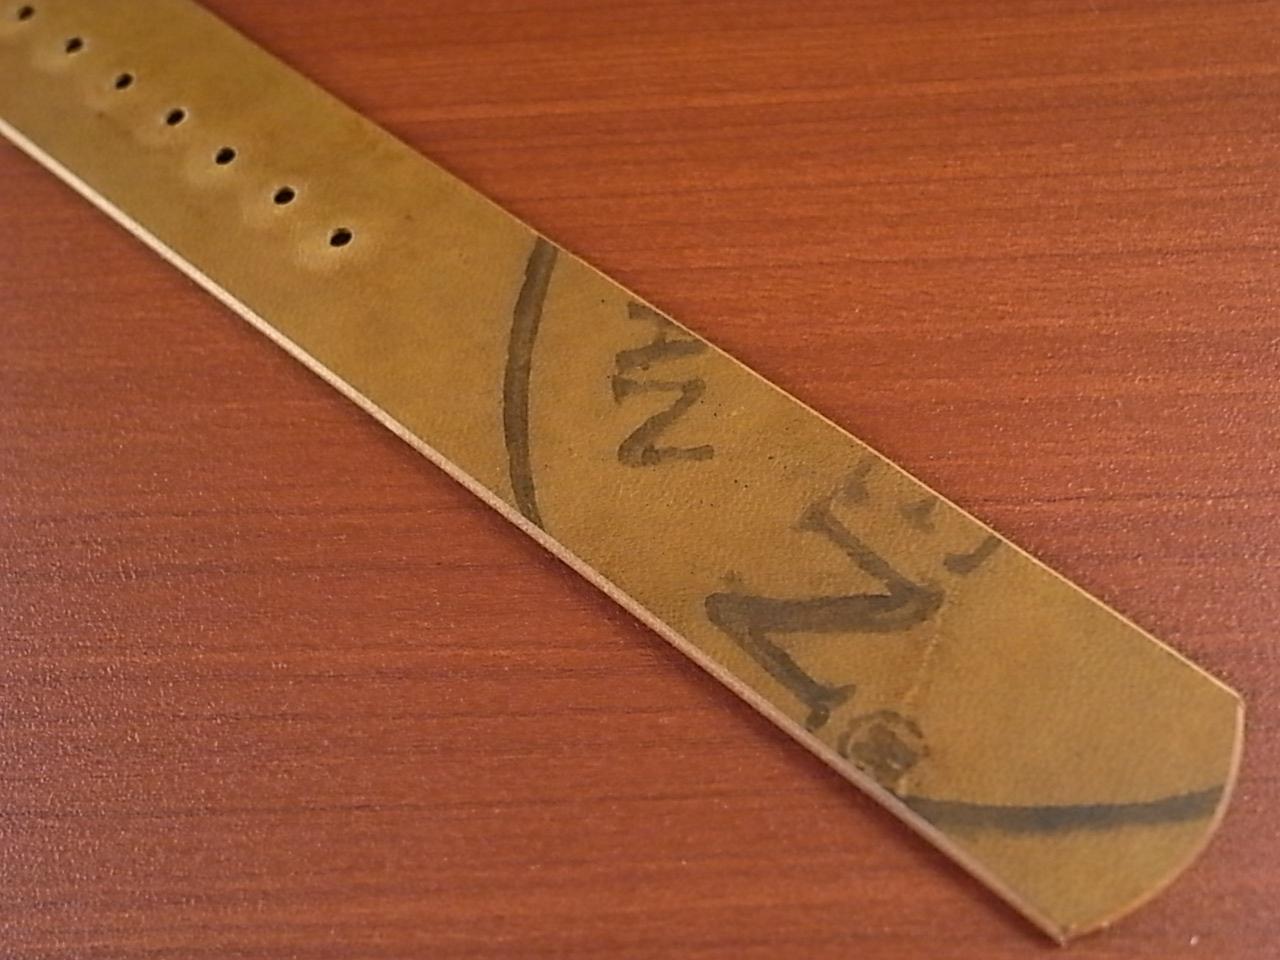 ホーウィン コードバン 引き通し革ベルト ダークコニャック 17~24mm 受注生産の写真6枚目